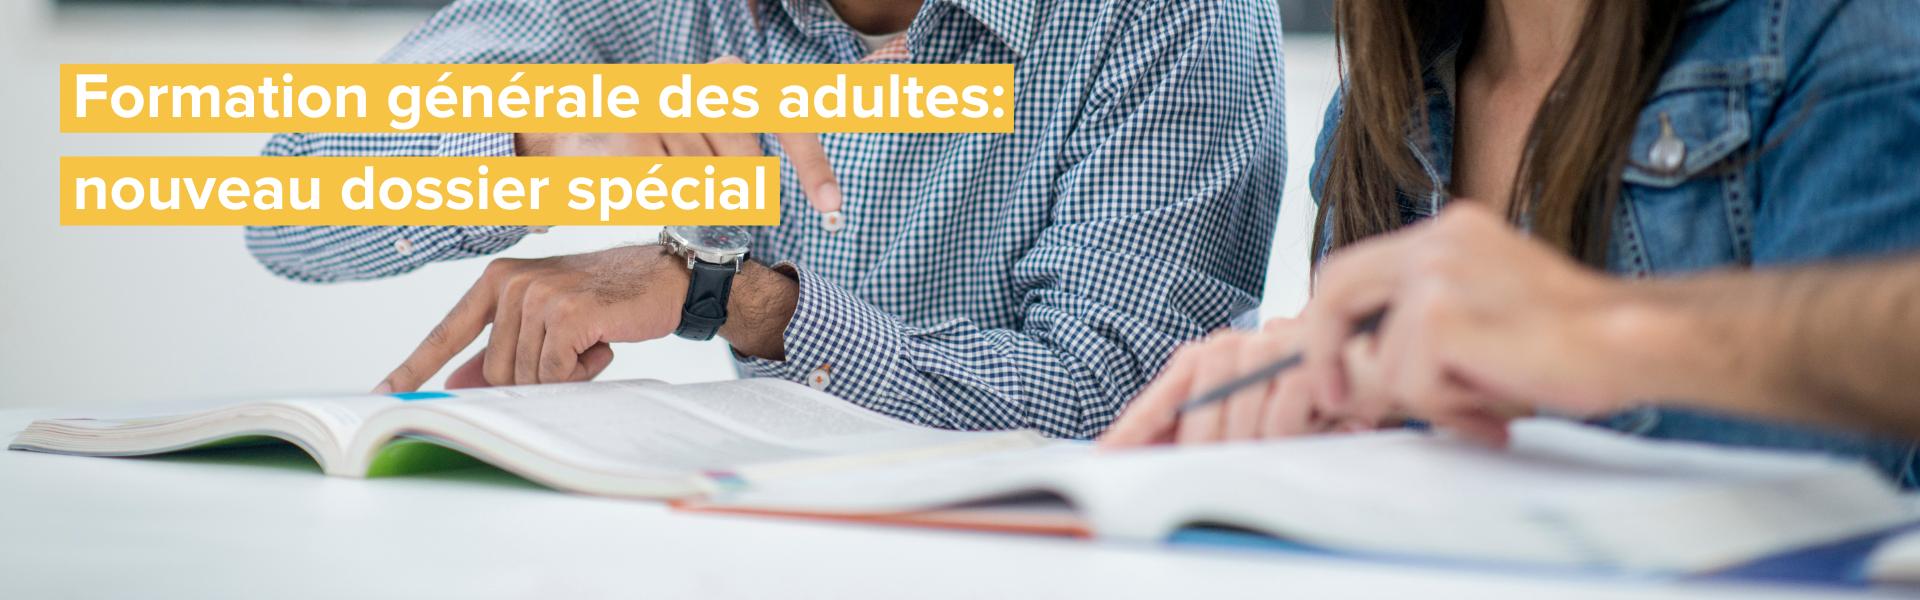 Formation générale des adultes: nouveau dossier spécial